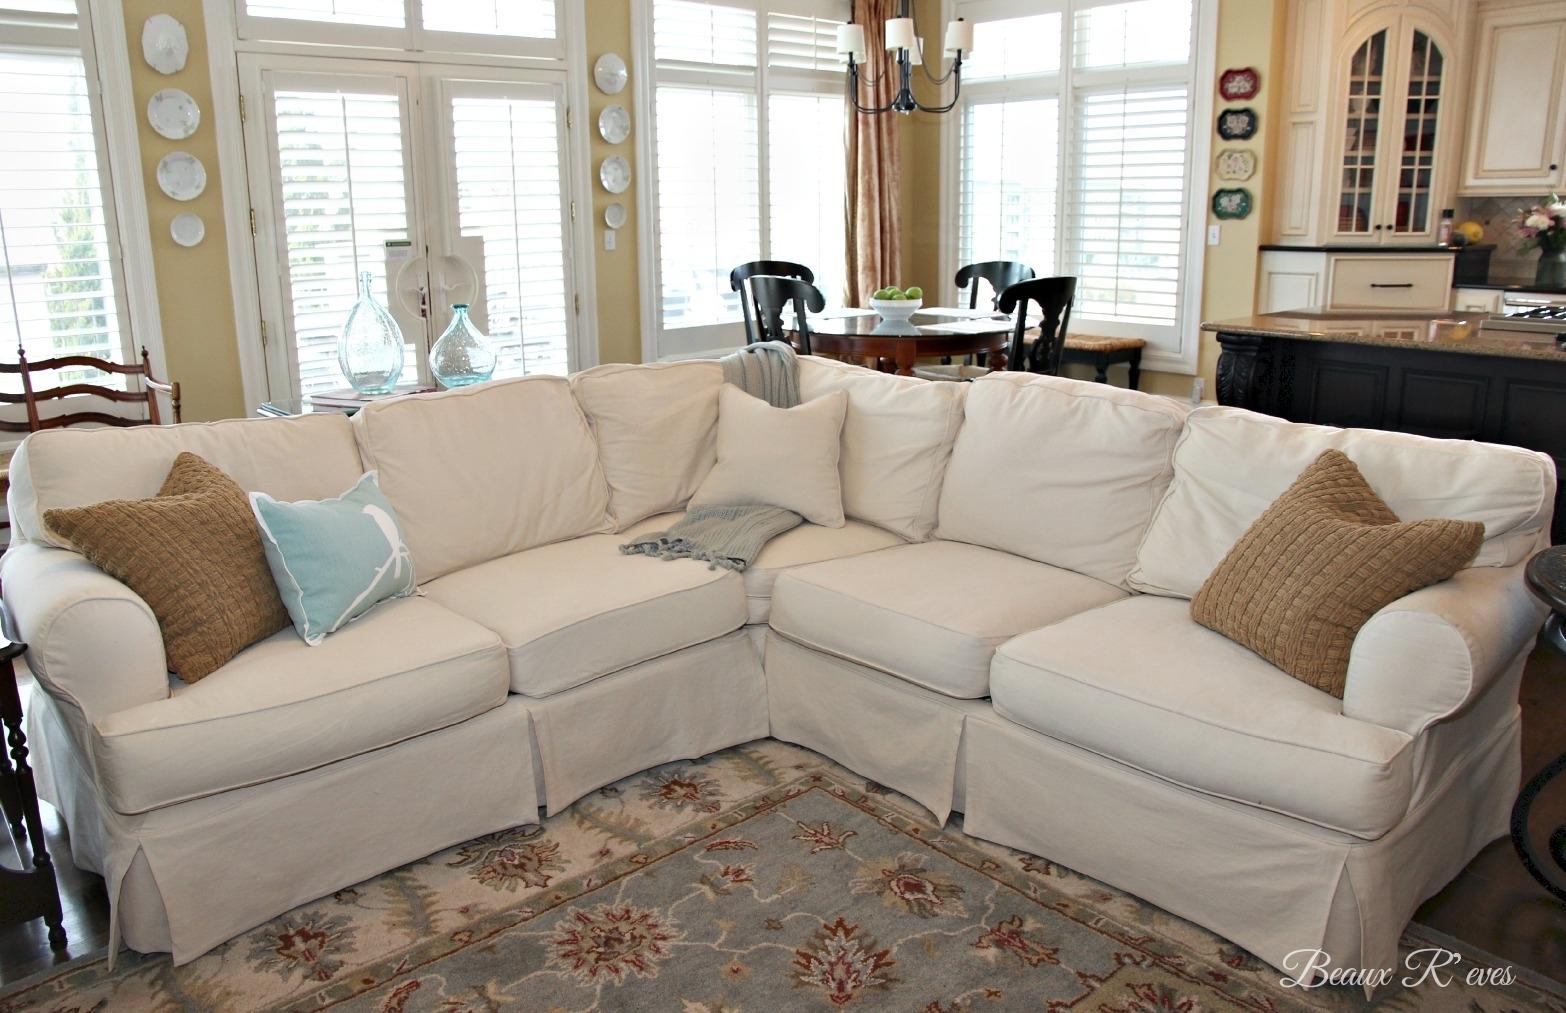 Jcpenney Sectional Sofa | Jcpenney Sectional Sofas | Home Design Throughout  Jcpenney Sectional Sofas (Photo